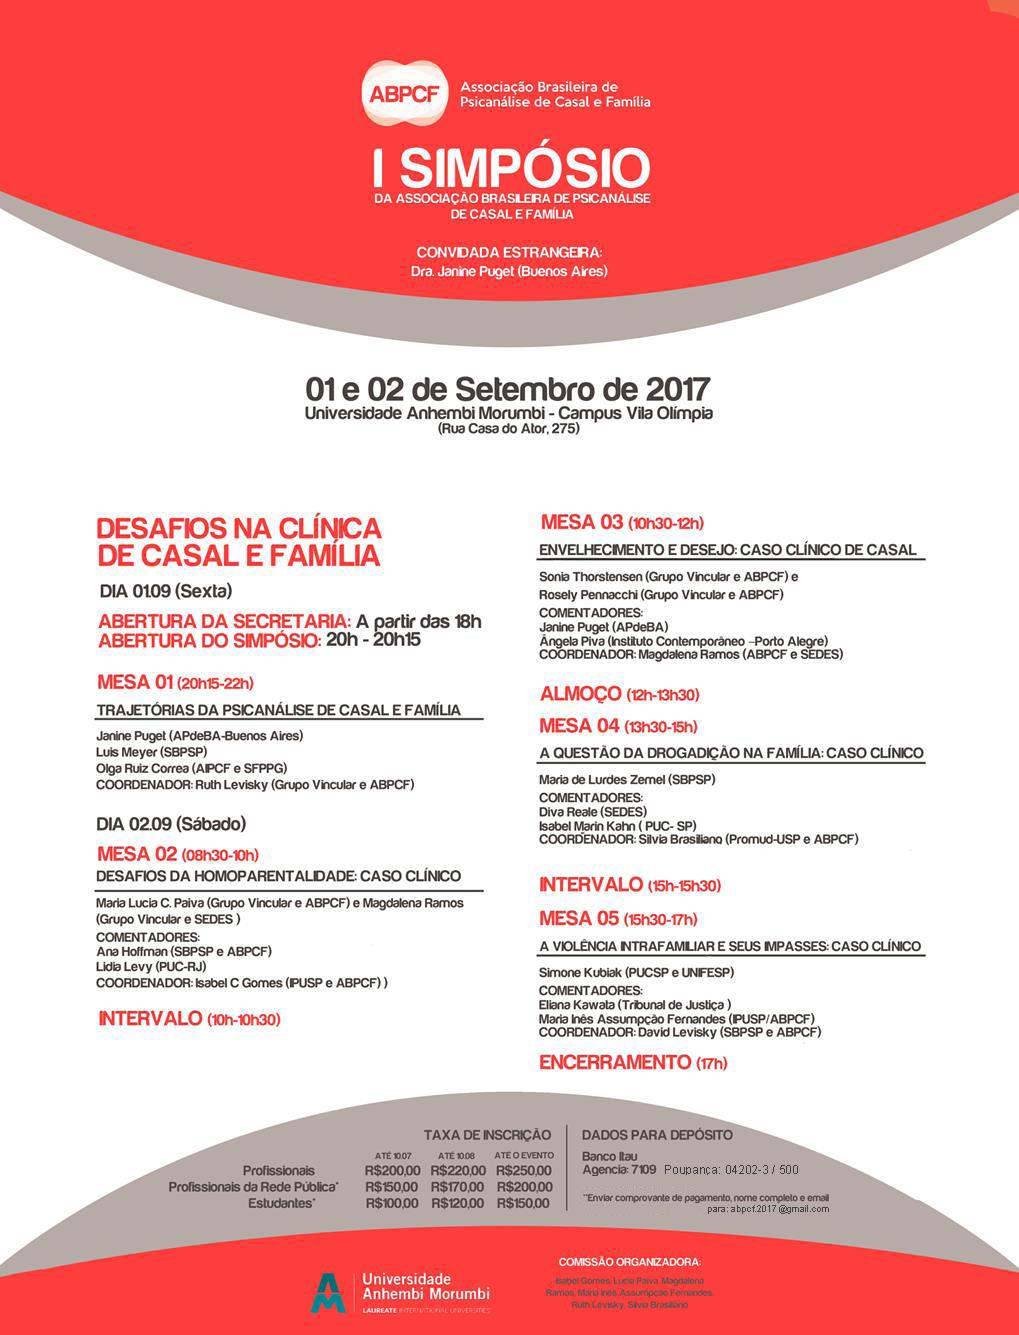 I SIMPÓSIO DA ASSOCIAÇÃO BRASILEIRA DE PSICANÁLISE DE CASAL E FAMÍLIA - Dias 1 e 2 de Setembro de 2017